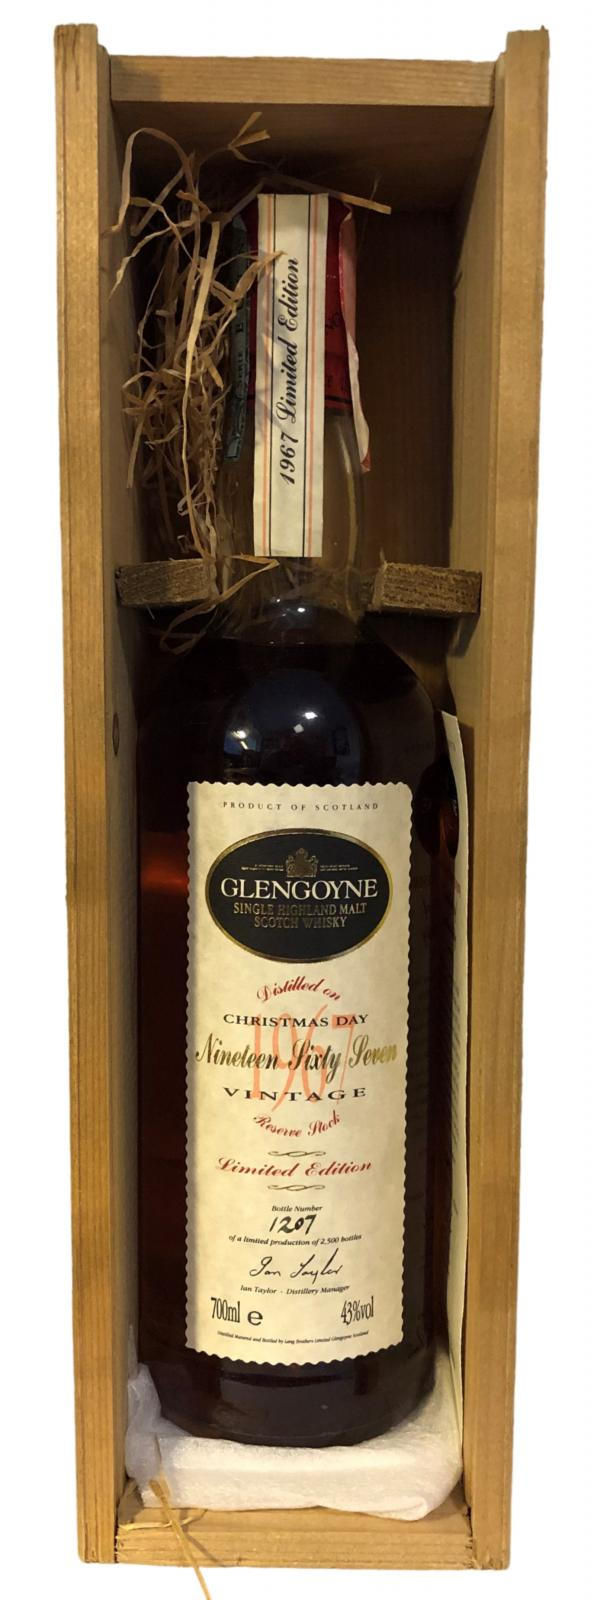 Glengoyne 1967 Vintage Reserve